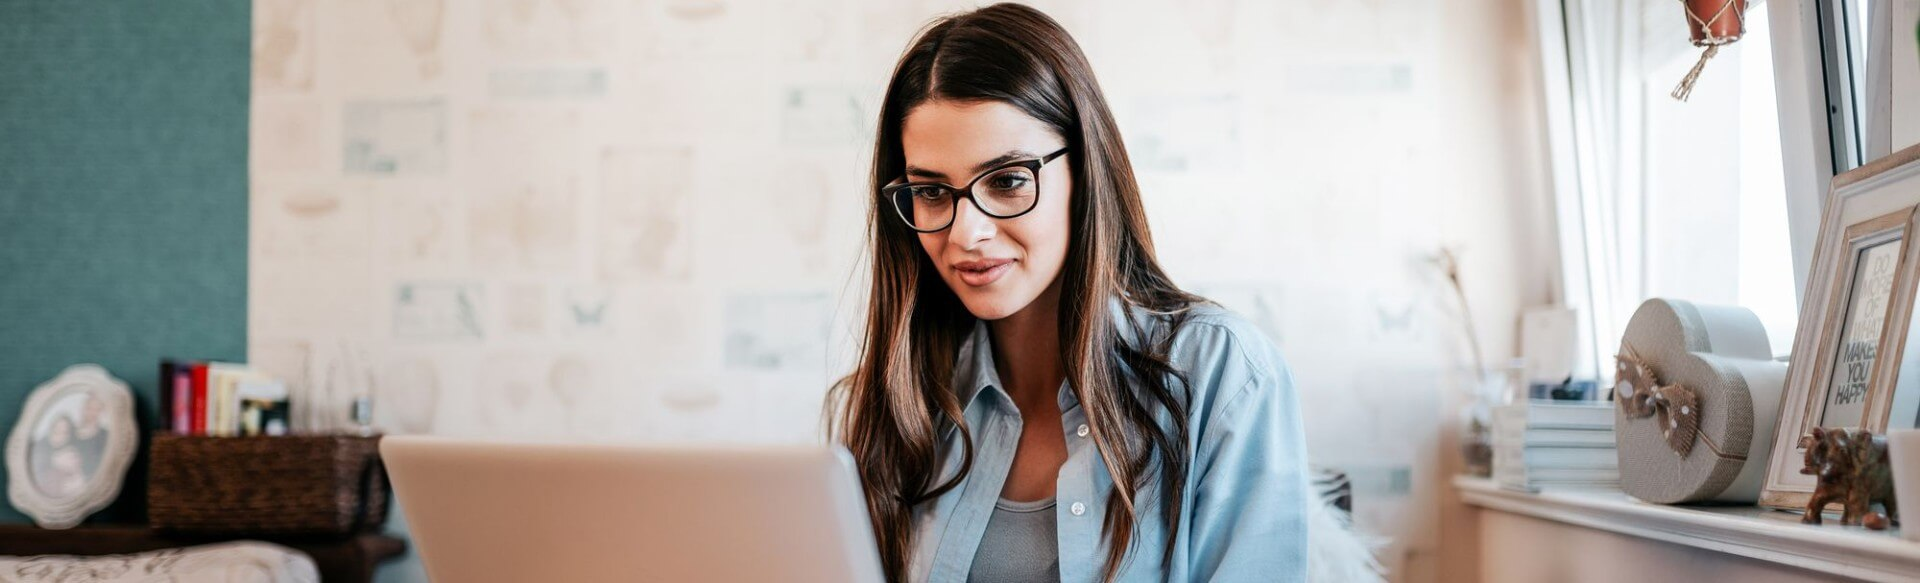 6 cursos de finanças pessoais para fazer online